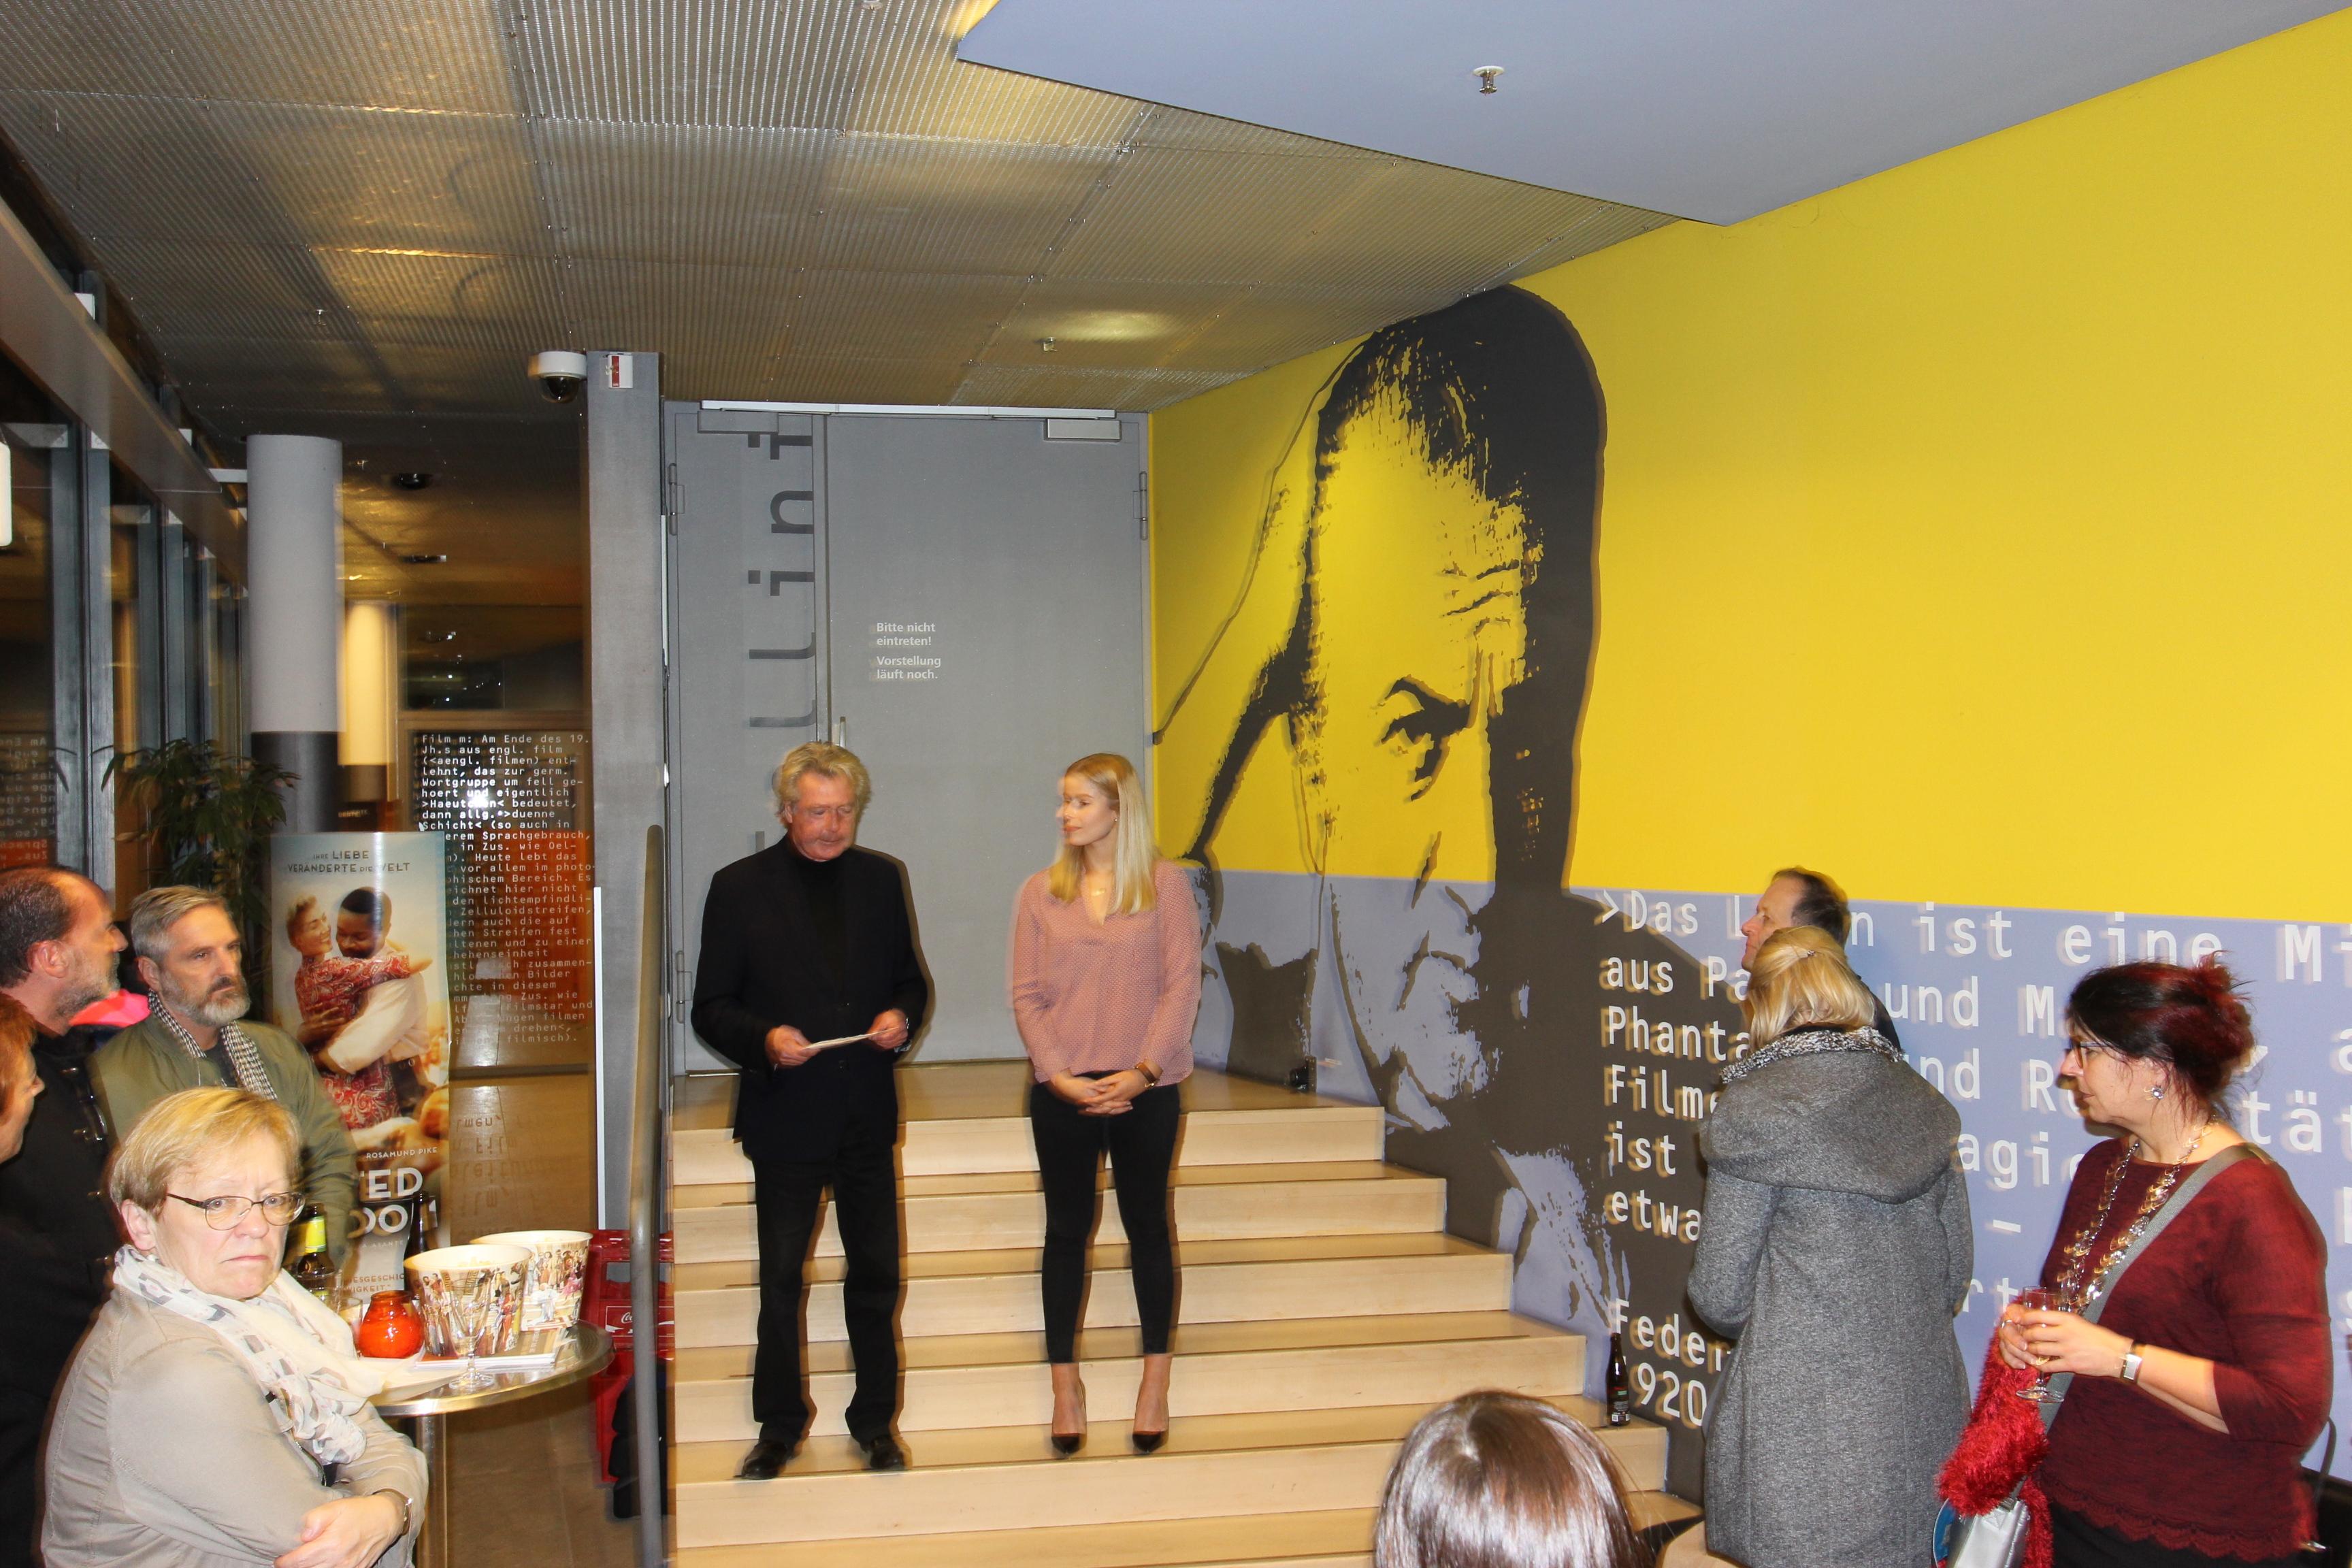 Begrüßung durch Geschäftsführer Betz mit Auszubildender Kauffmann